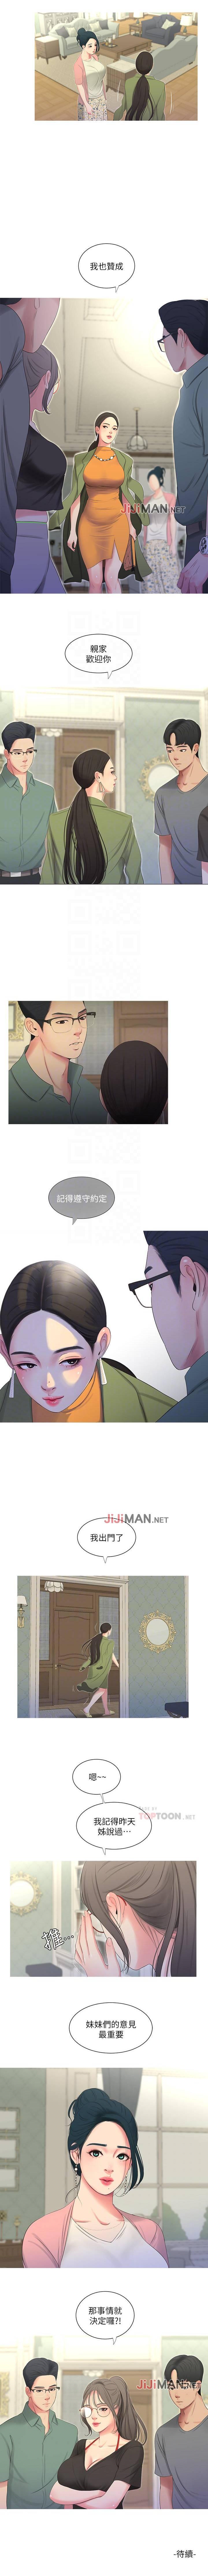 【周四连载】亲家四姐妹(作者:愛摸) 第1~27话 77